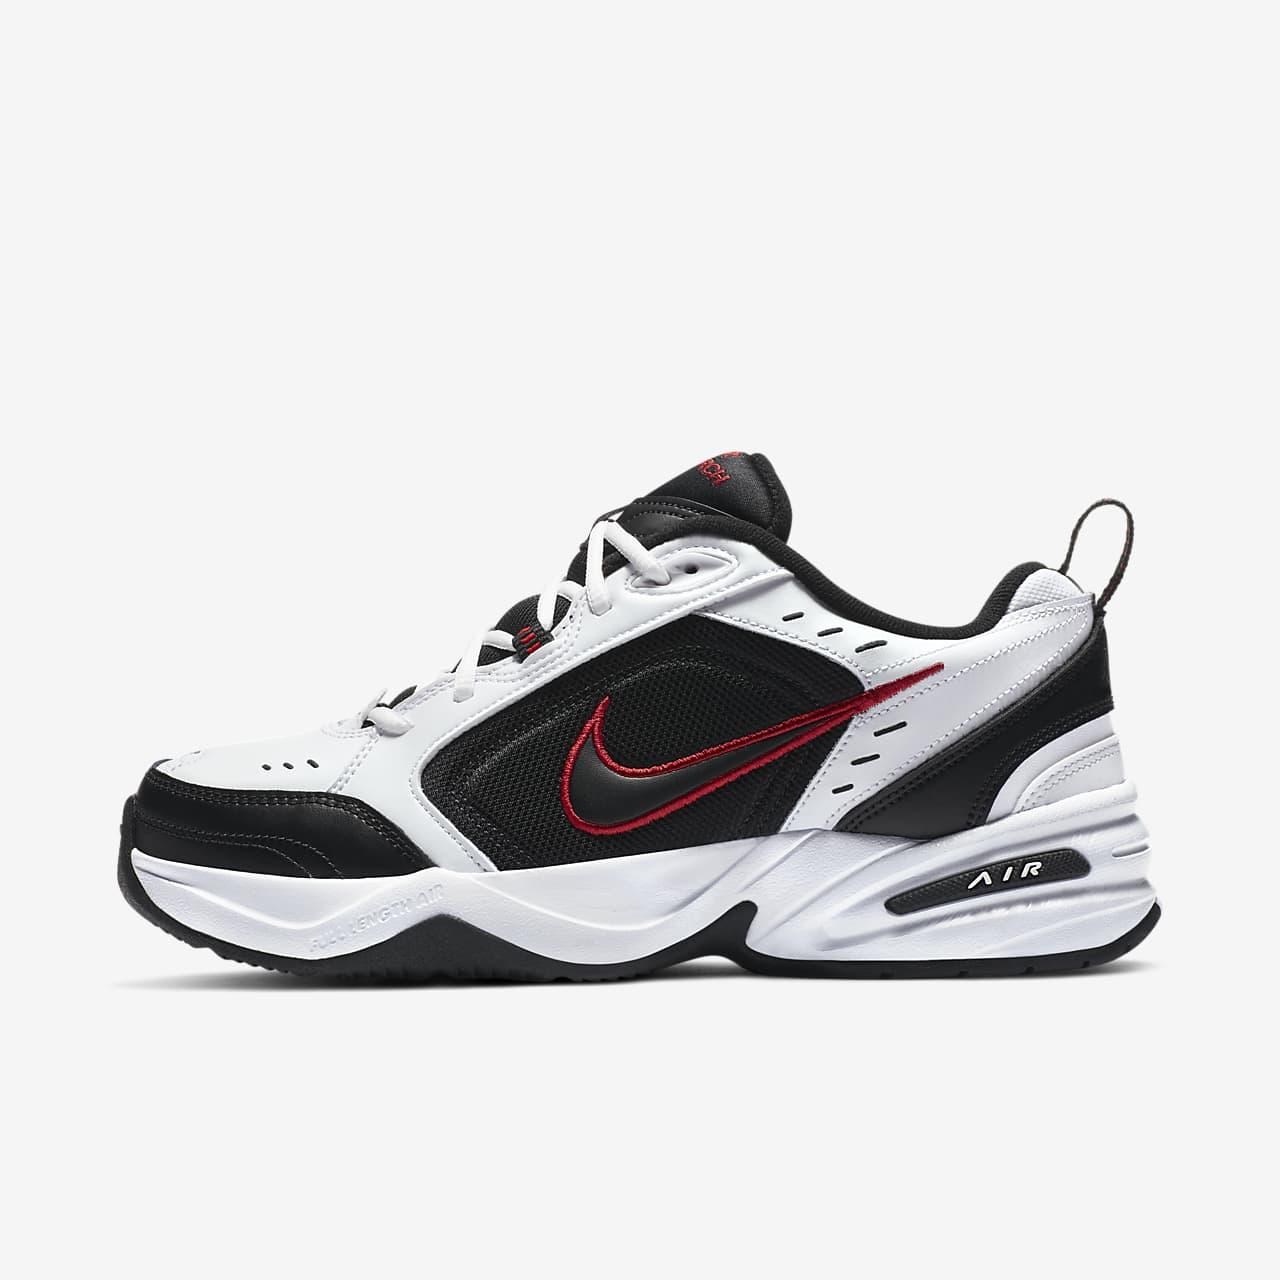 รองเท้าไลฟ์สไตล์/ยิม Nike Air Monarch IV